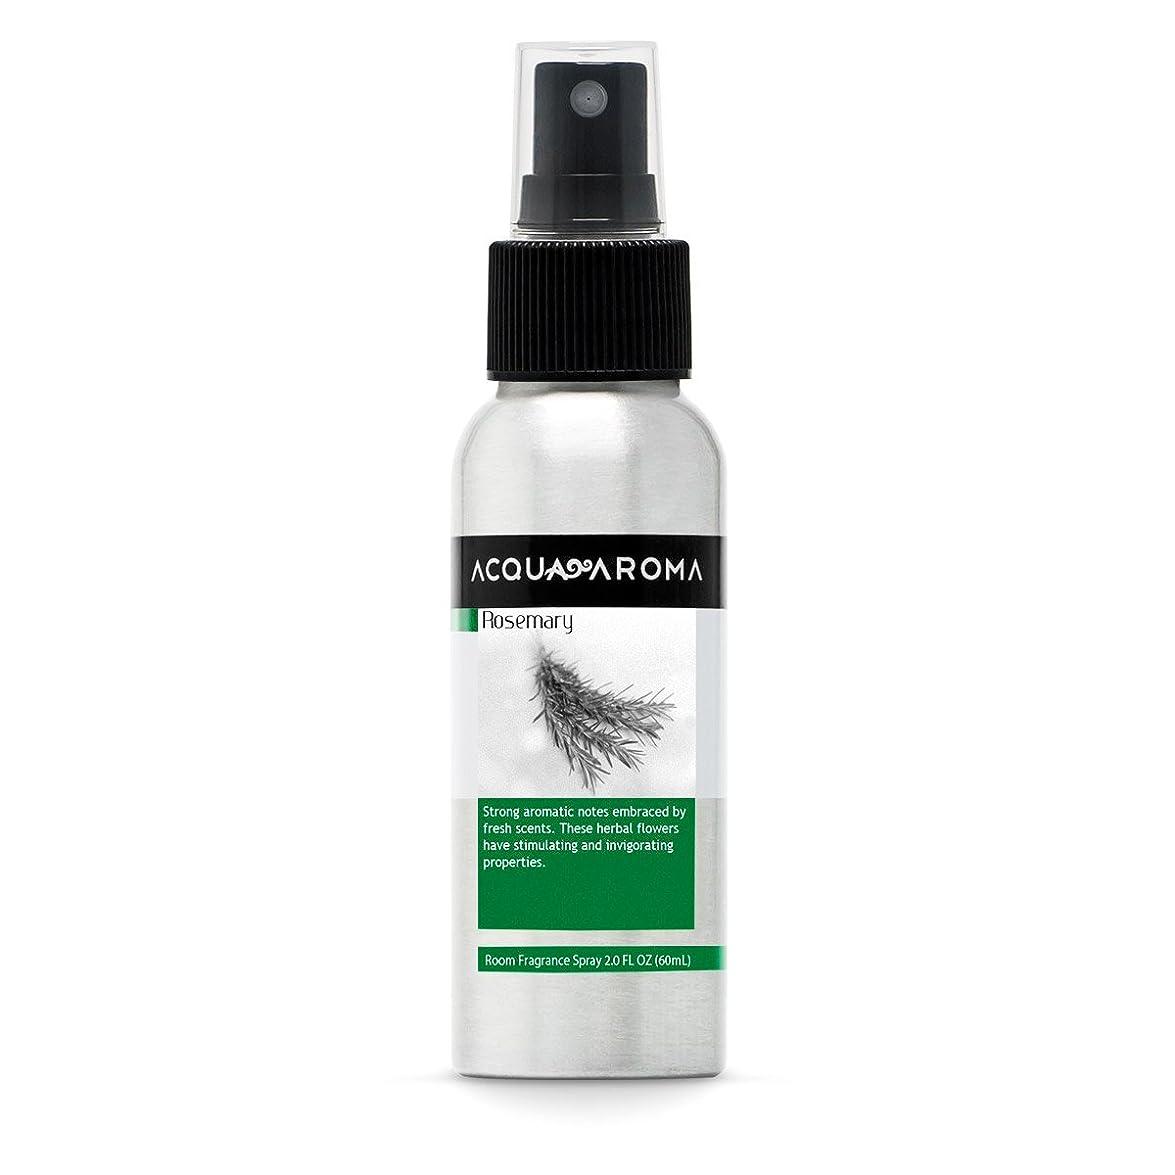 専門用語シットコムマザーランドAcquaアロマローズマリーRoom Fragranceスプレー2.0?FL OZ ( 60ml )